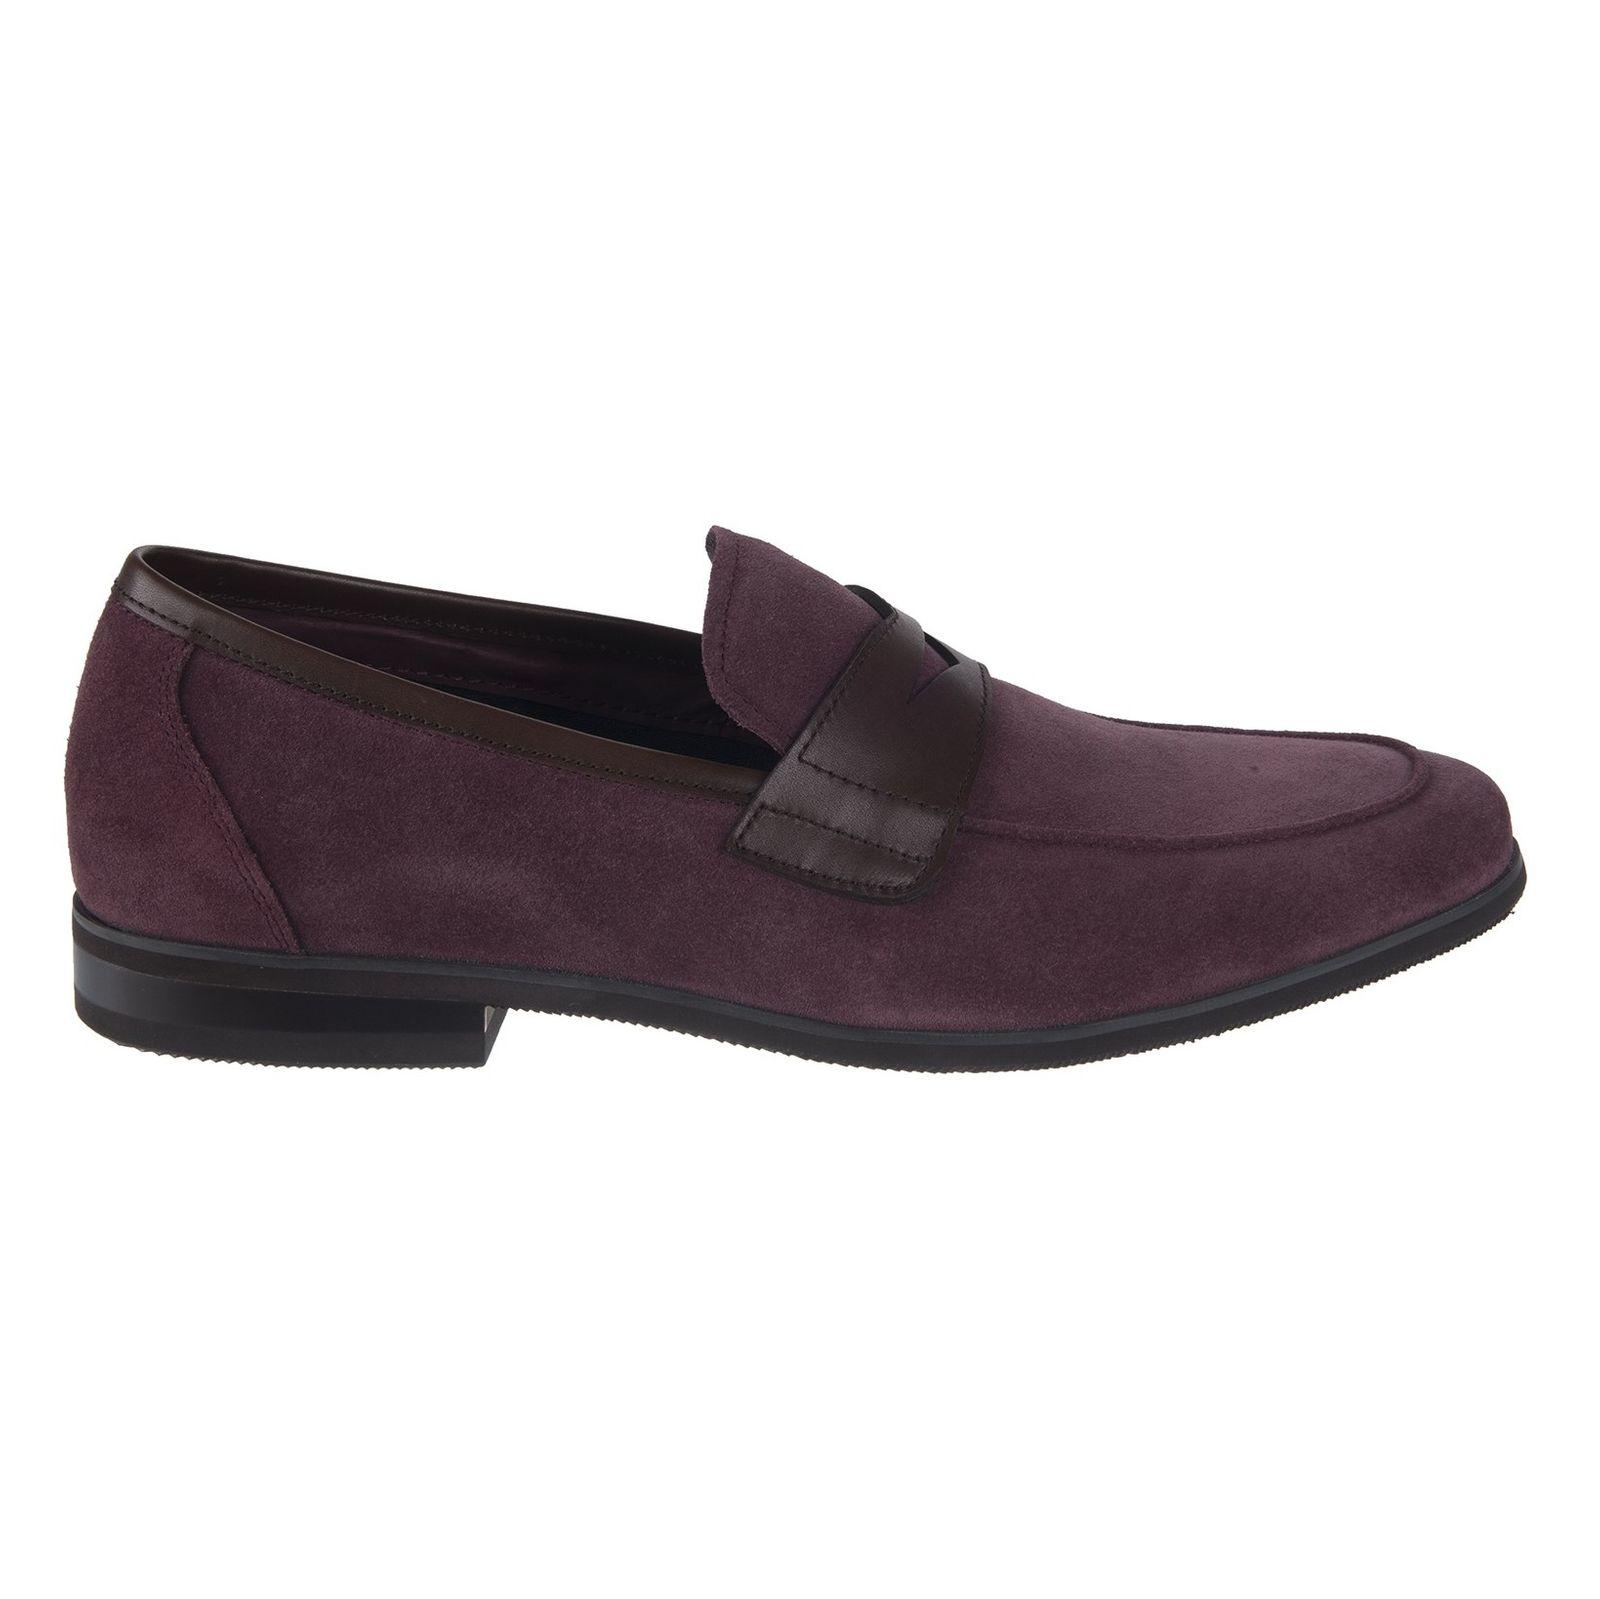 کفش چرم راحتی مردانه - بالدی - زرشکي - 1